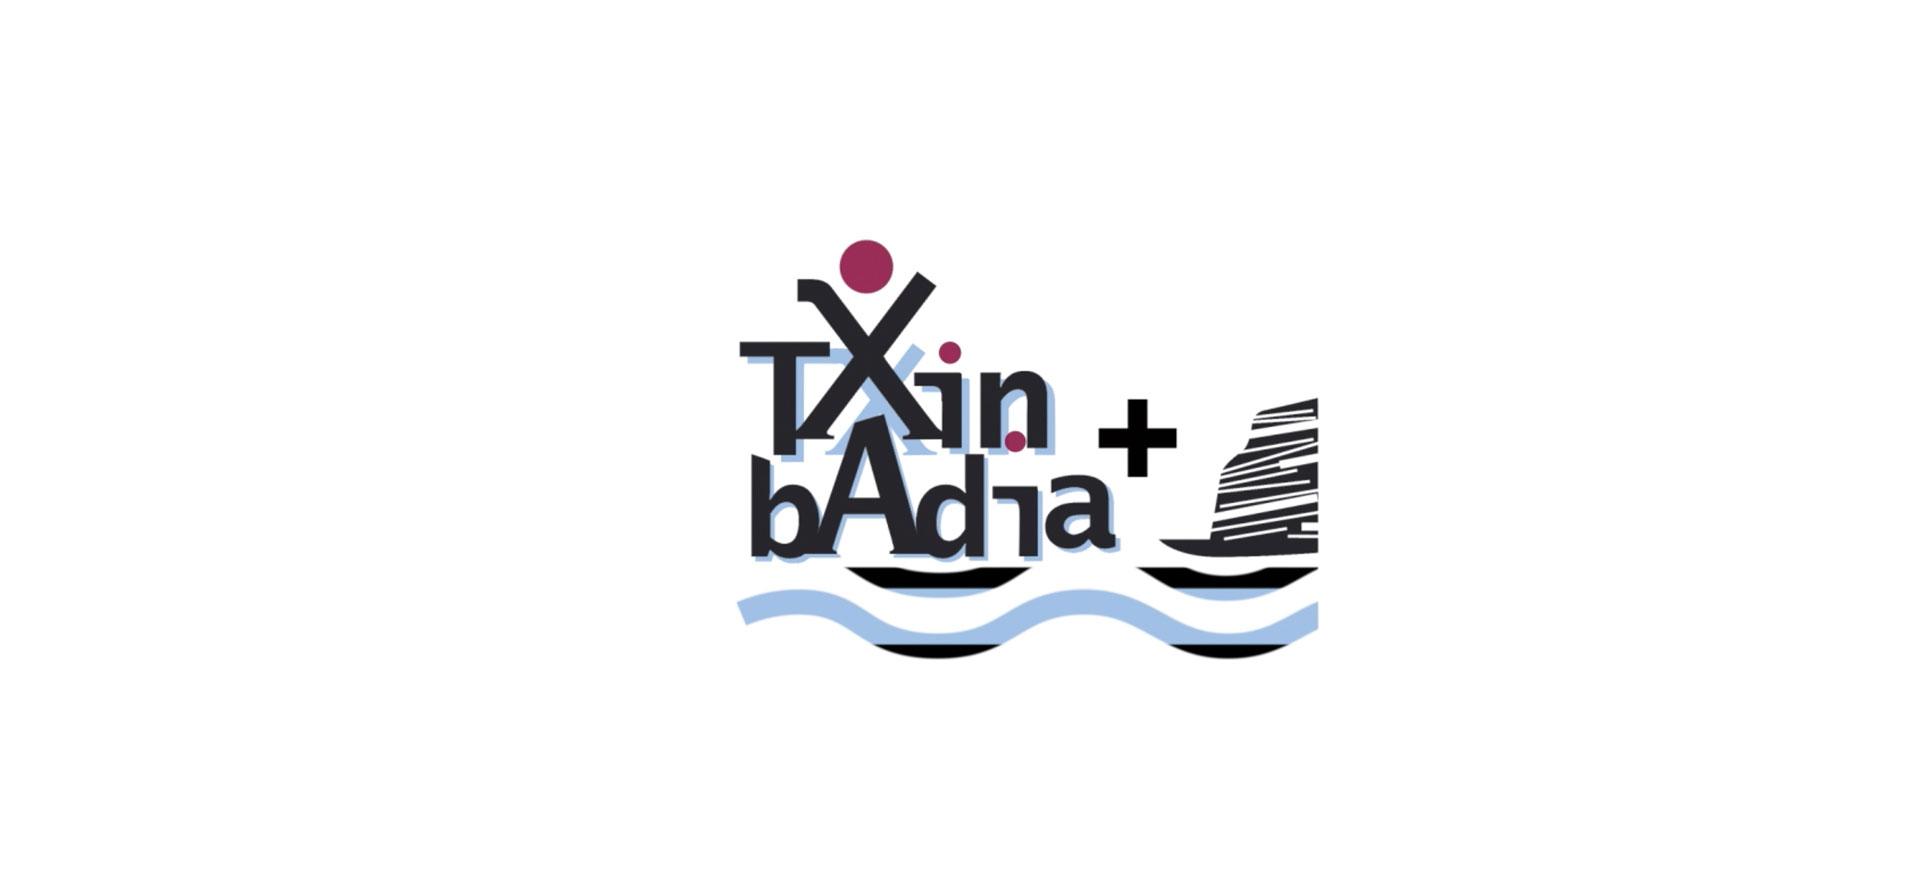 Campaña & Video Presentación Txinbadia +